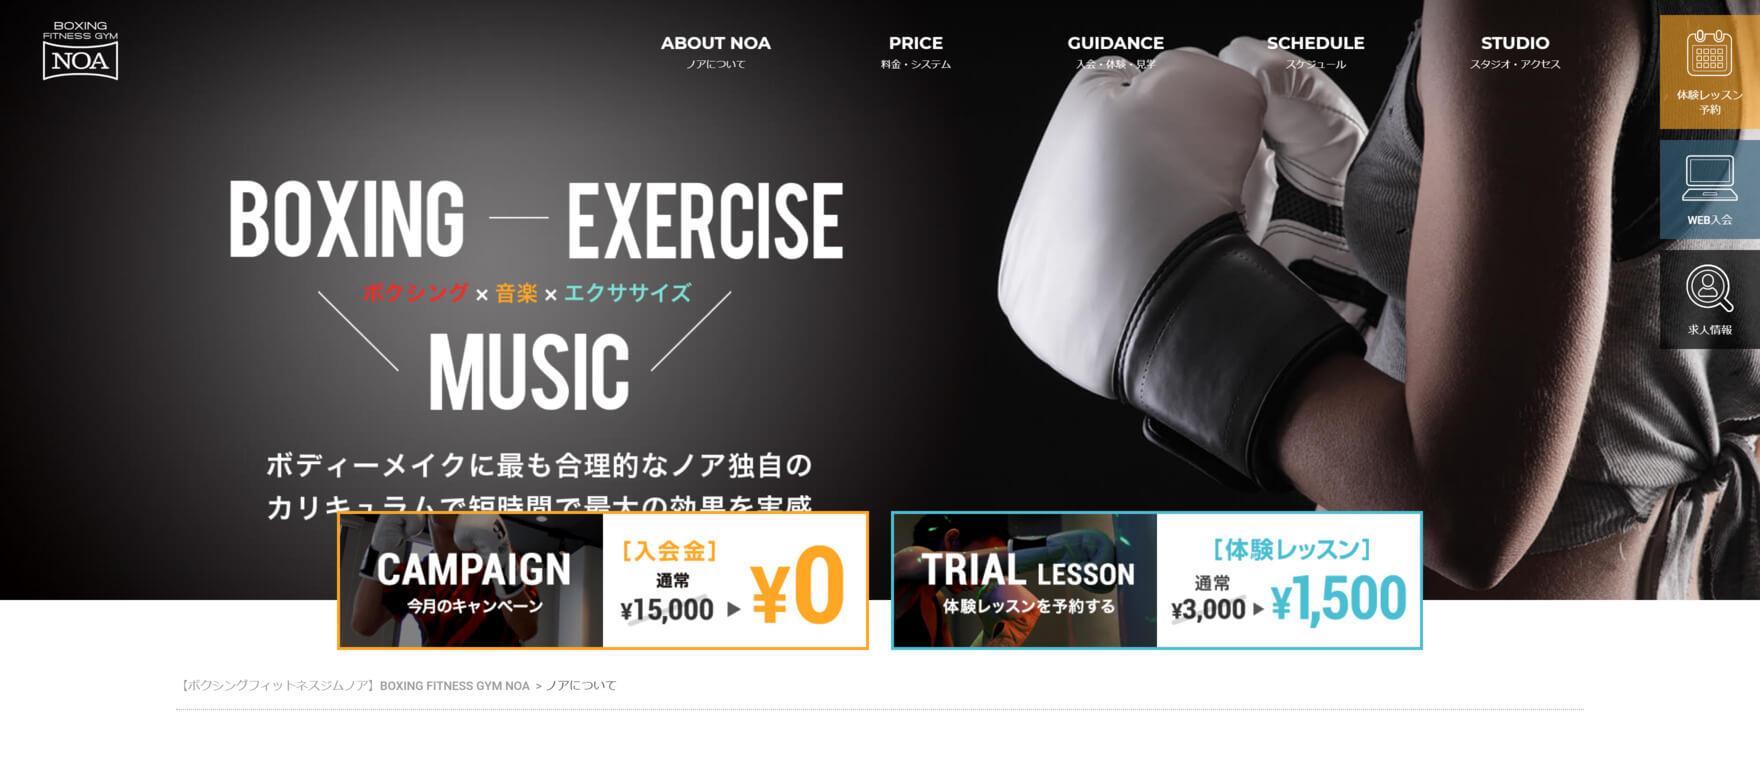 ボクシングフィットネスジムNOA中目黒校のイメージ画像